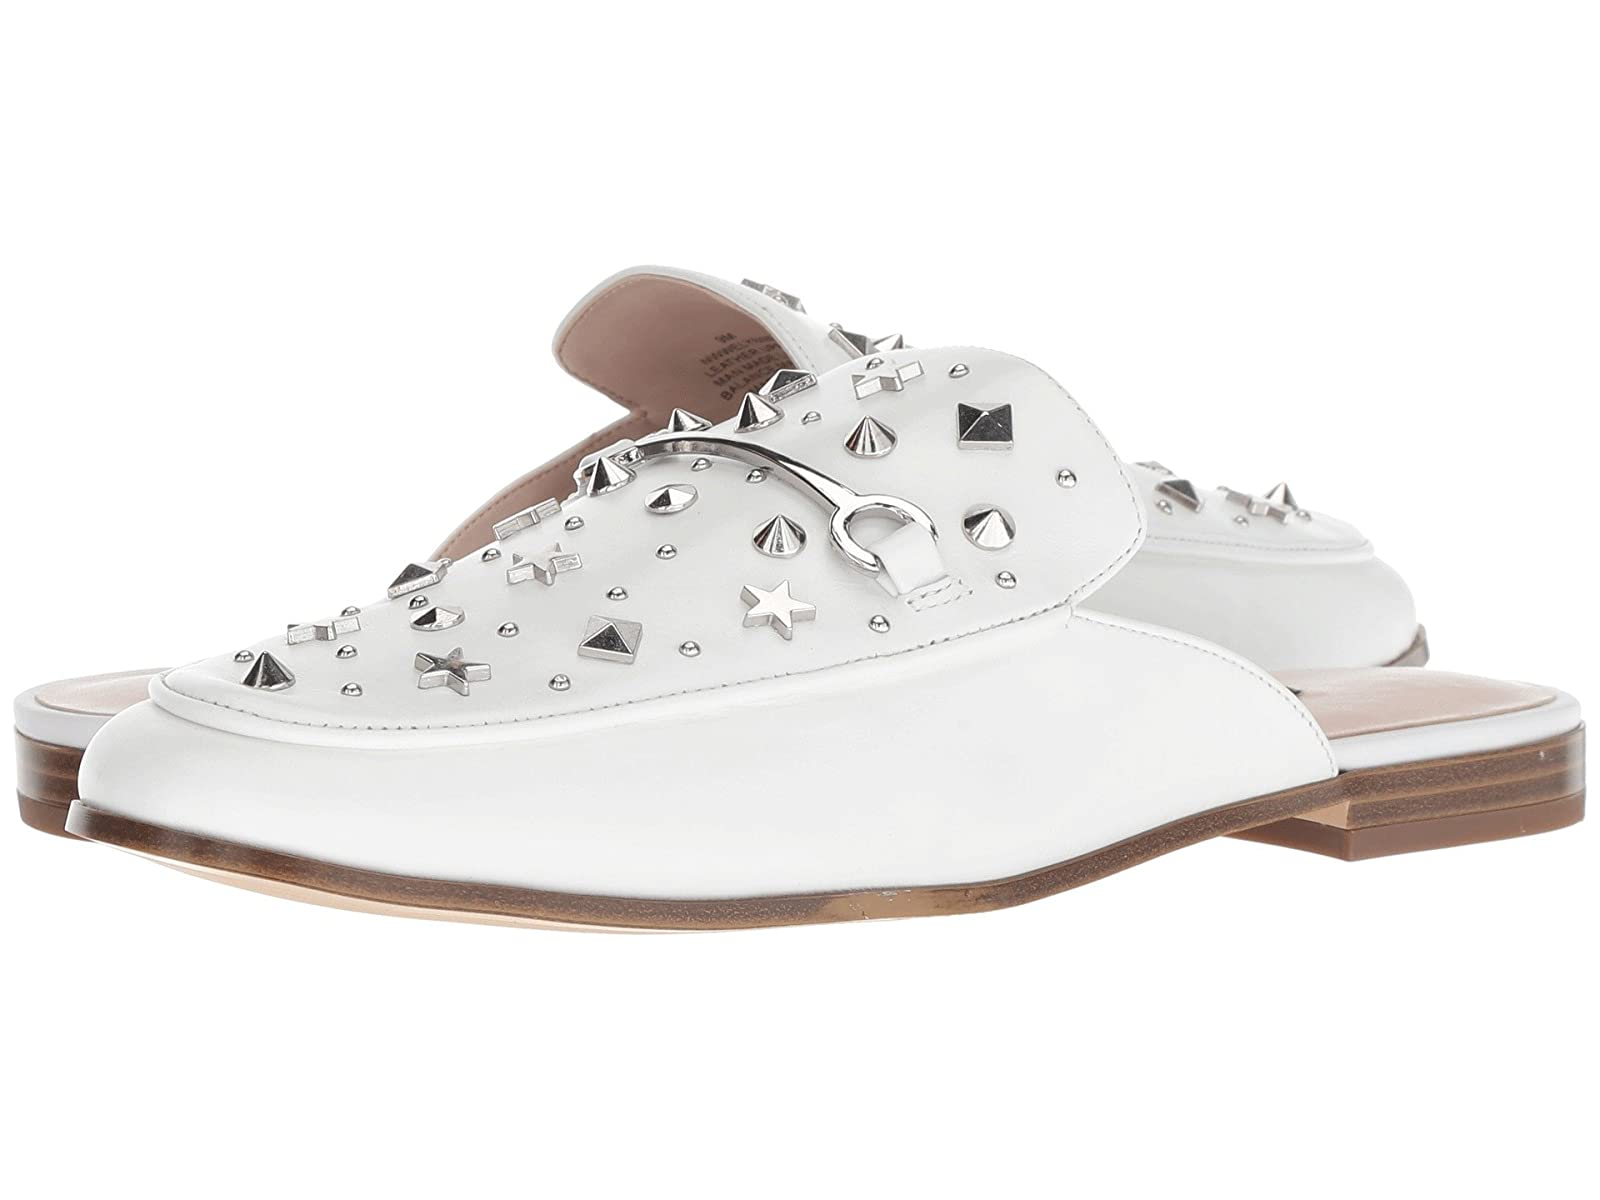 Nine West WelynneAtmospheric grades have affordable shoes